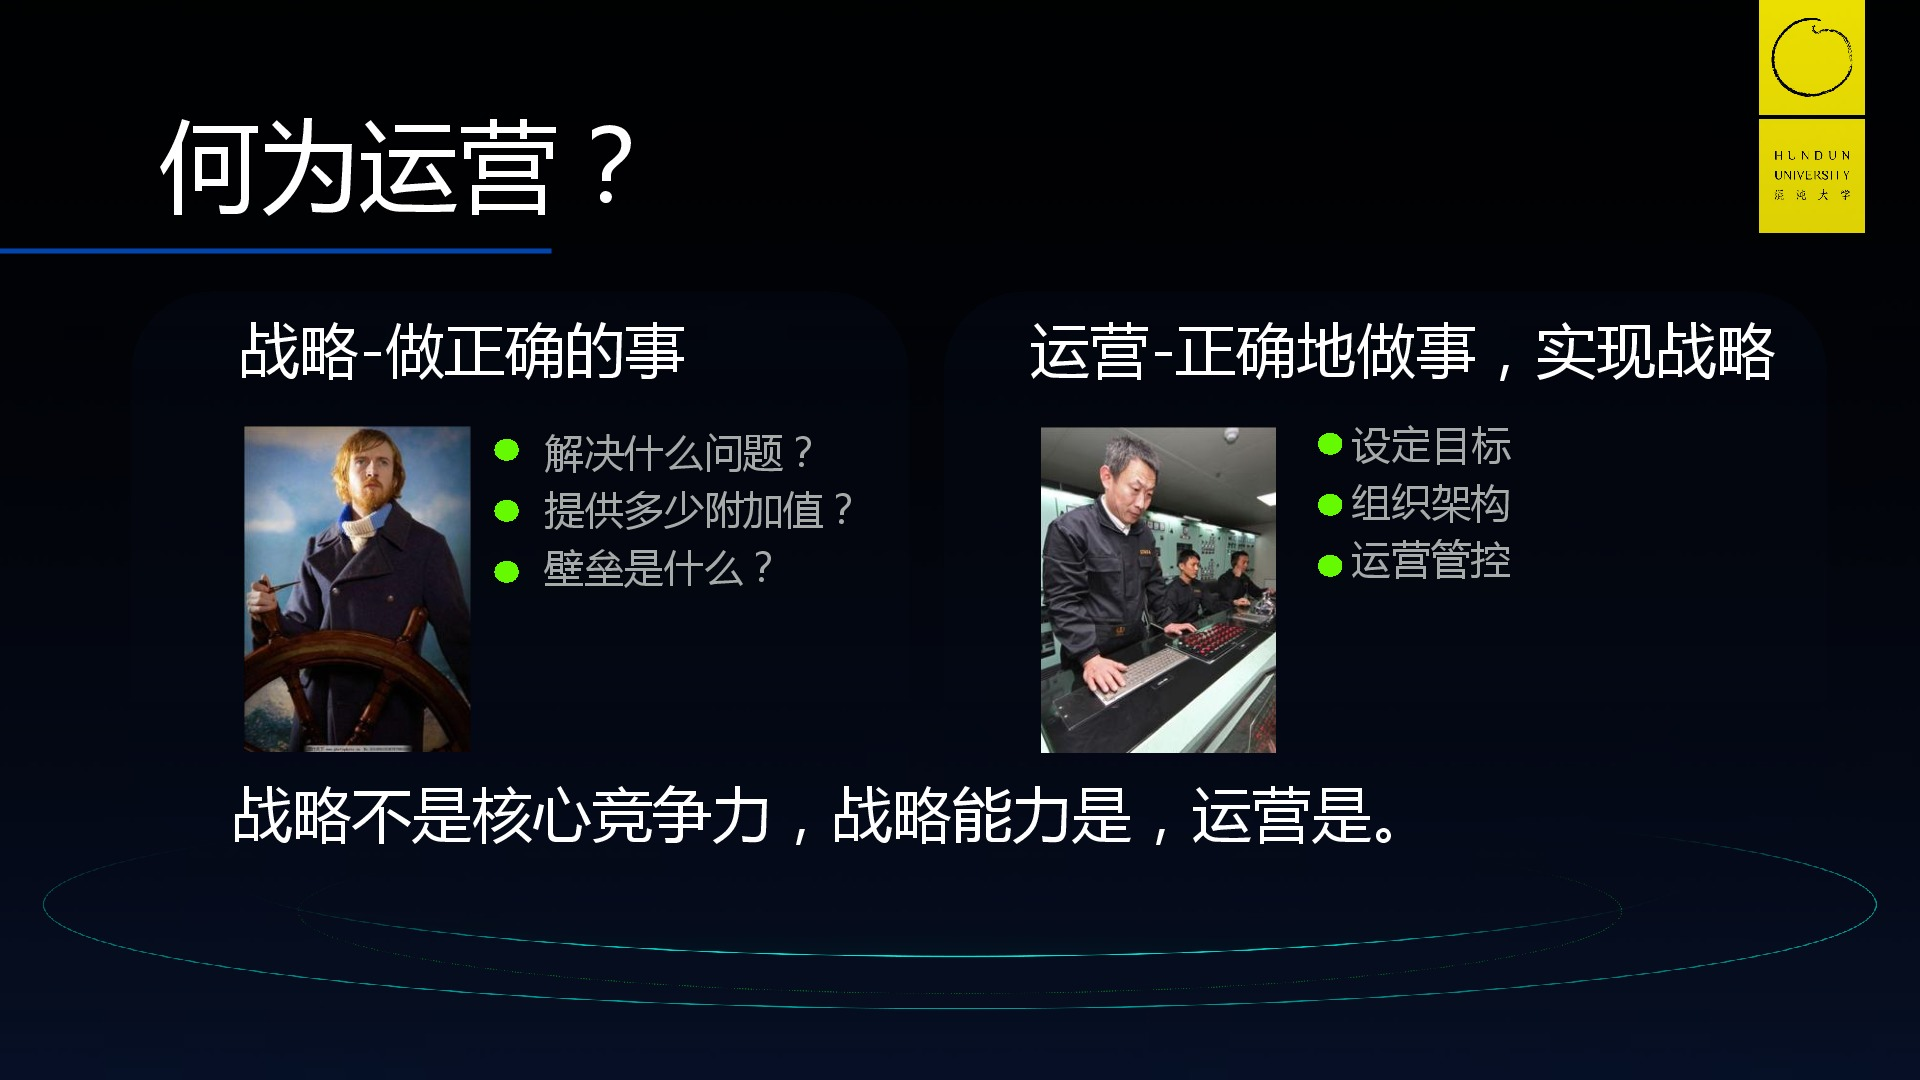 运营管理:如何科学运营一家科技企业?-混沌大学7月1日干嘉伟分享PPT